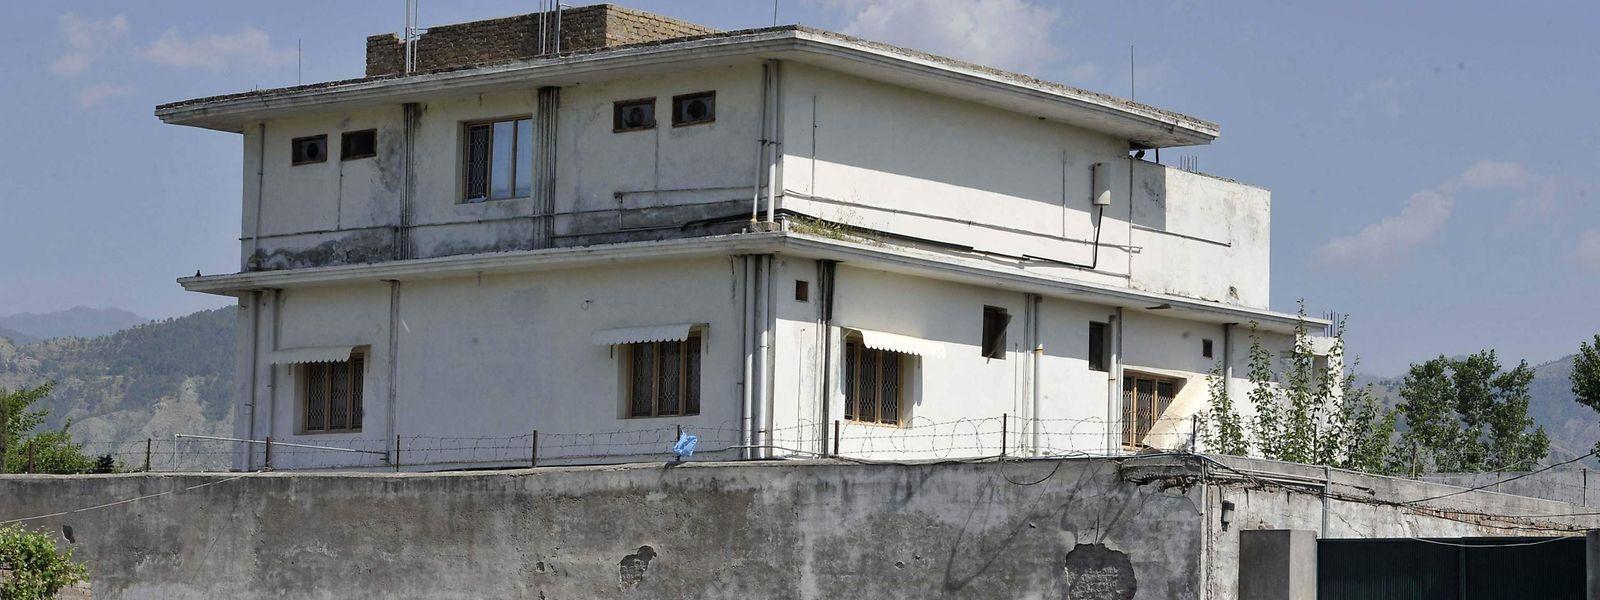 In diesem Haus im pakistanischen Abbottabat hielt sich Terrorist Osama bin Laden jahrelang versteckt.